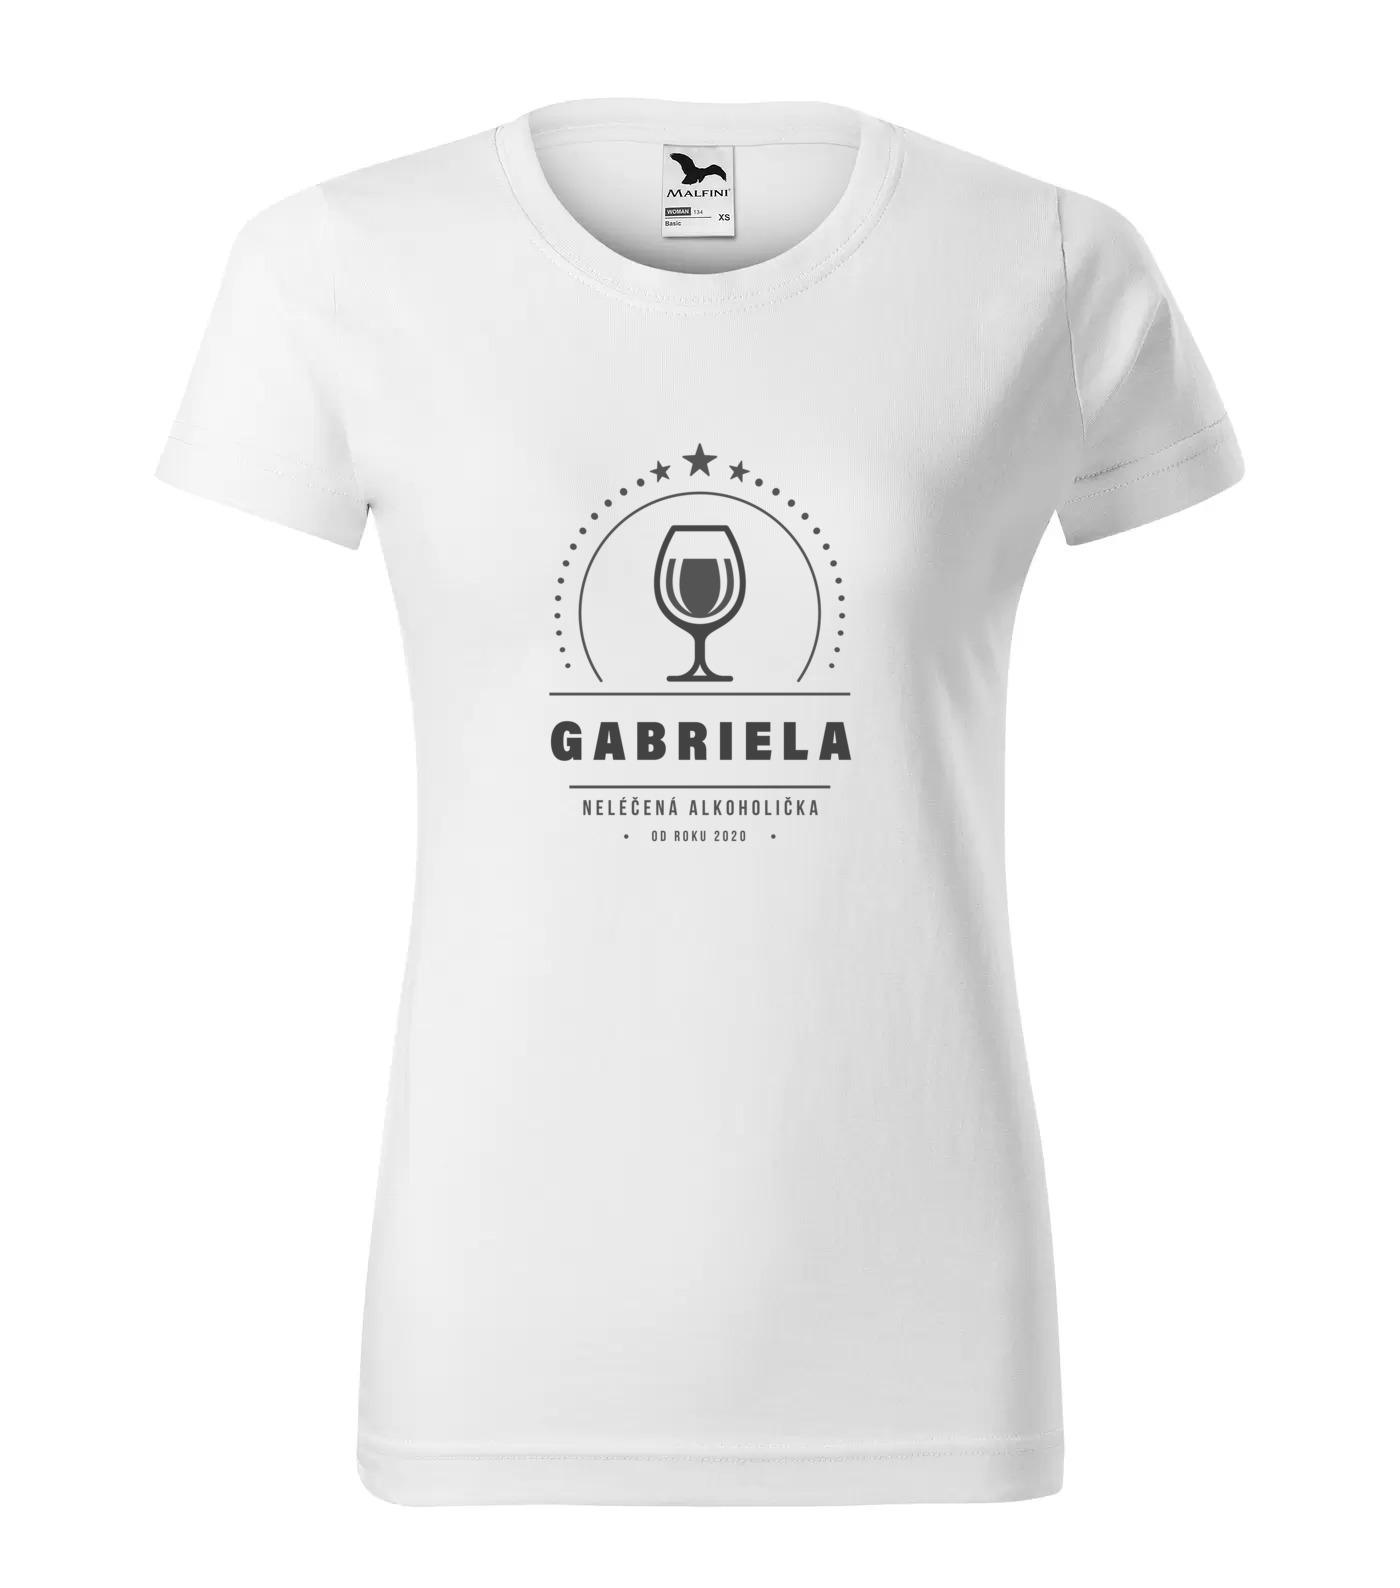 Tričko Alkoholička Gabriela